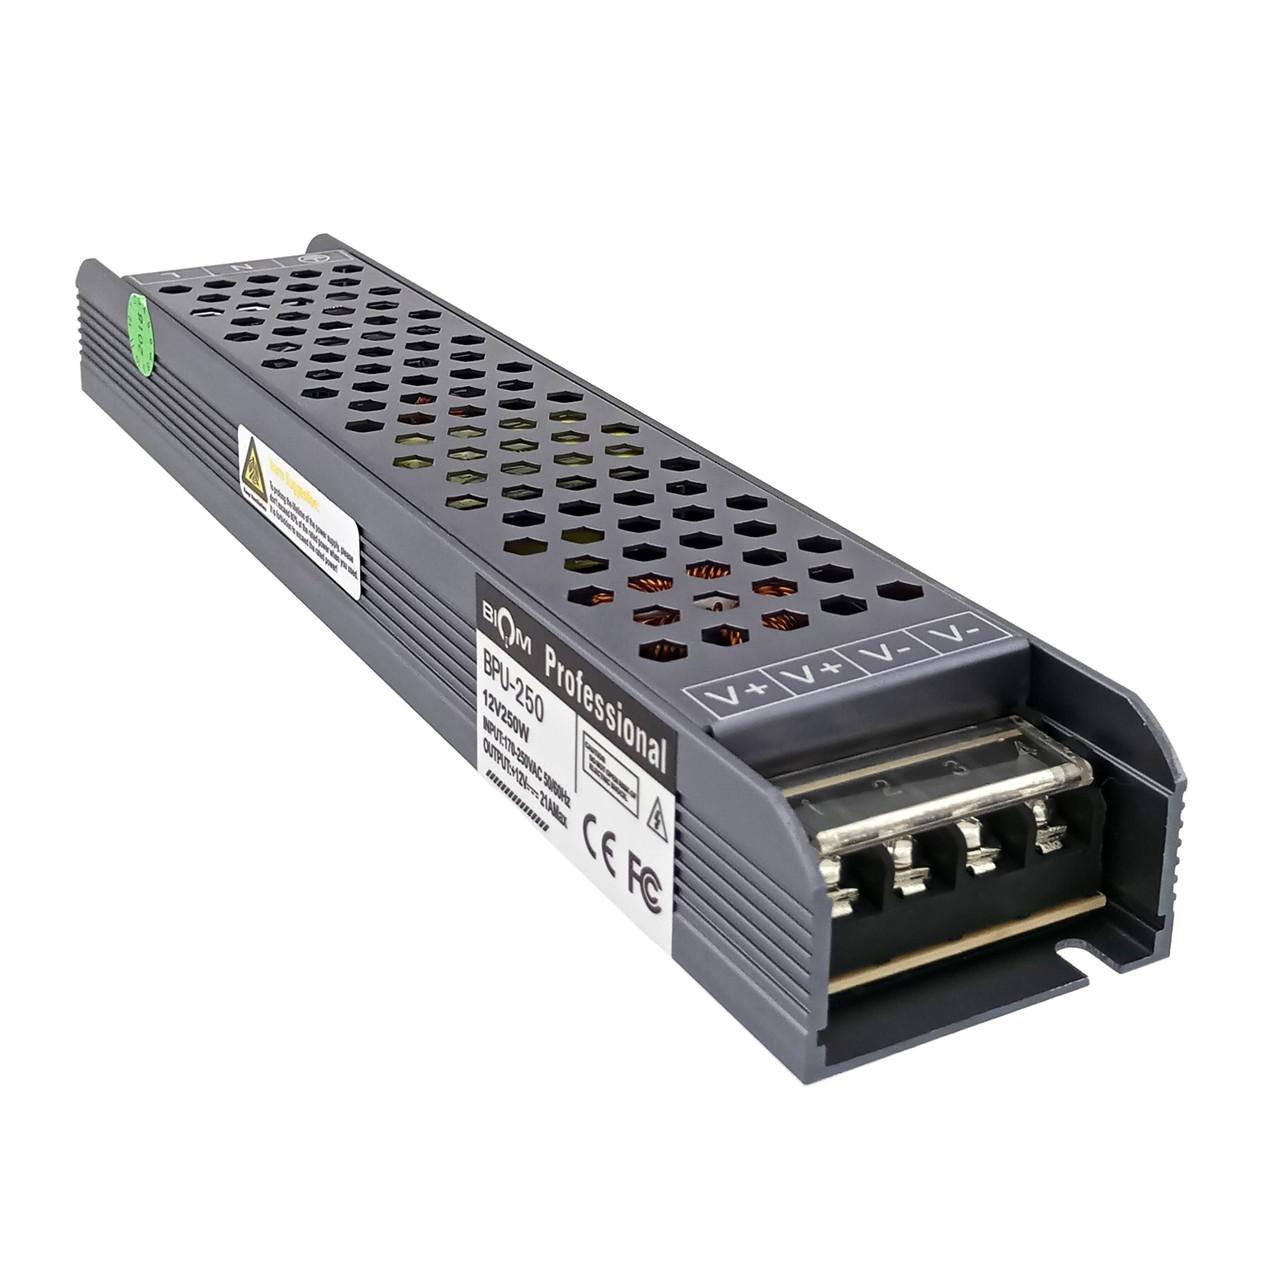 Блок питания BIOM BPU-250 250Вт 12В 21А Алюминий IP20 Премиум